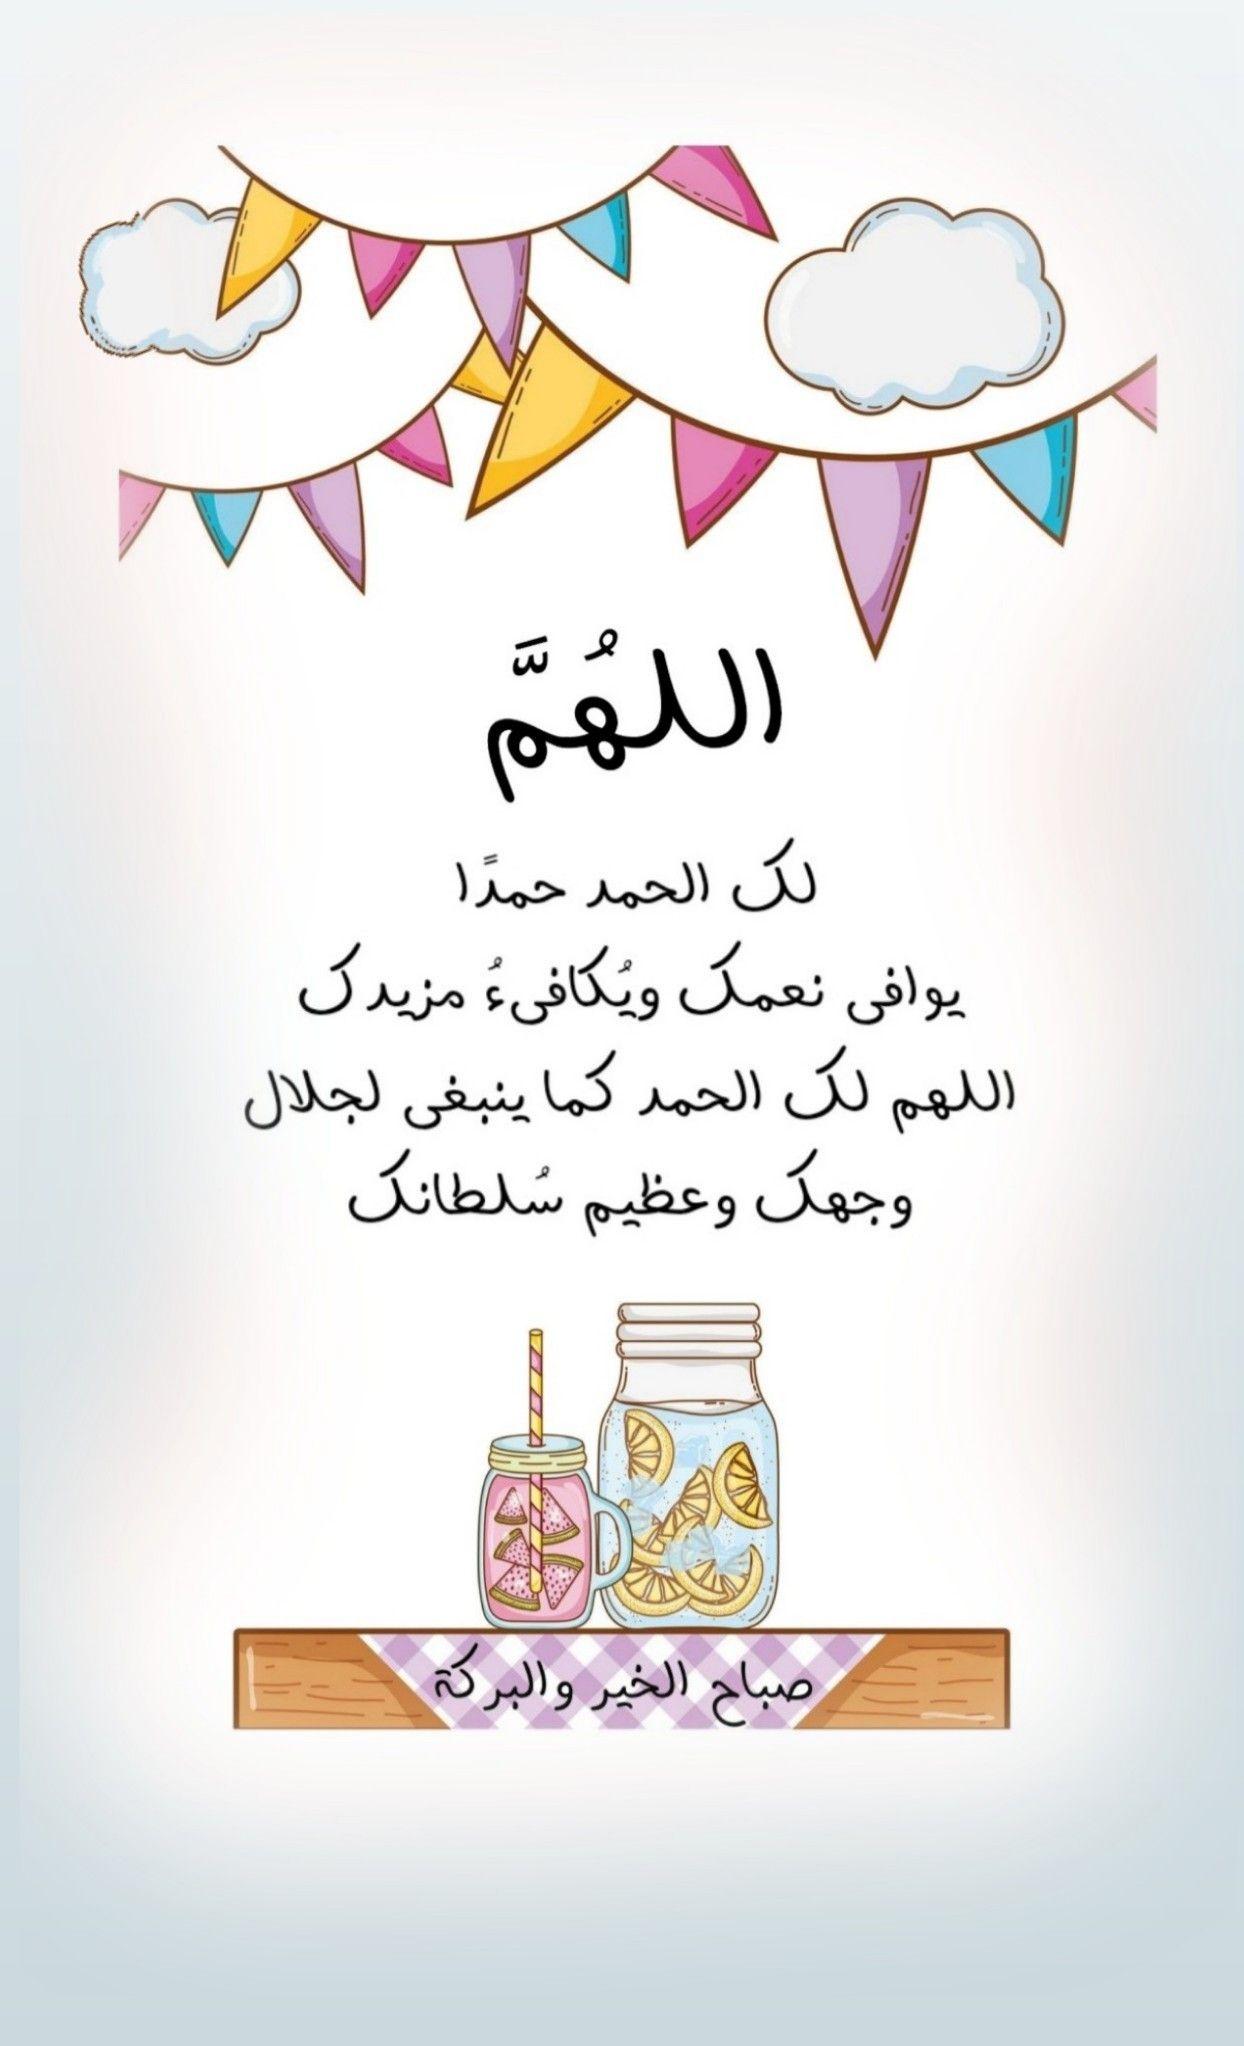 اللهم لك الحمد حتى ترضى و لك الحمد إذا رضيت و لك الحمد بعد الرضا و لك الحمد على كل حال Holy Quran Poster Lockscreen Screenshot